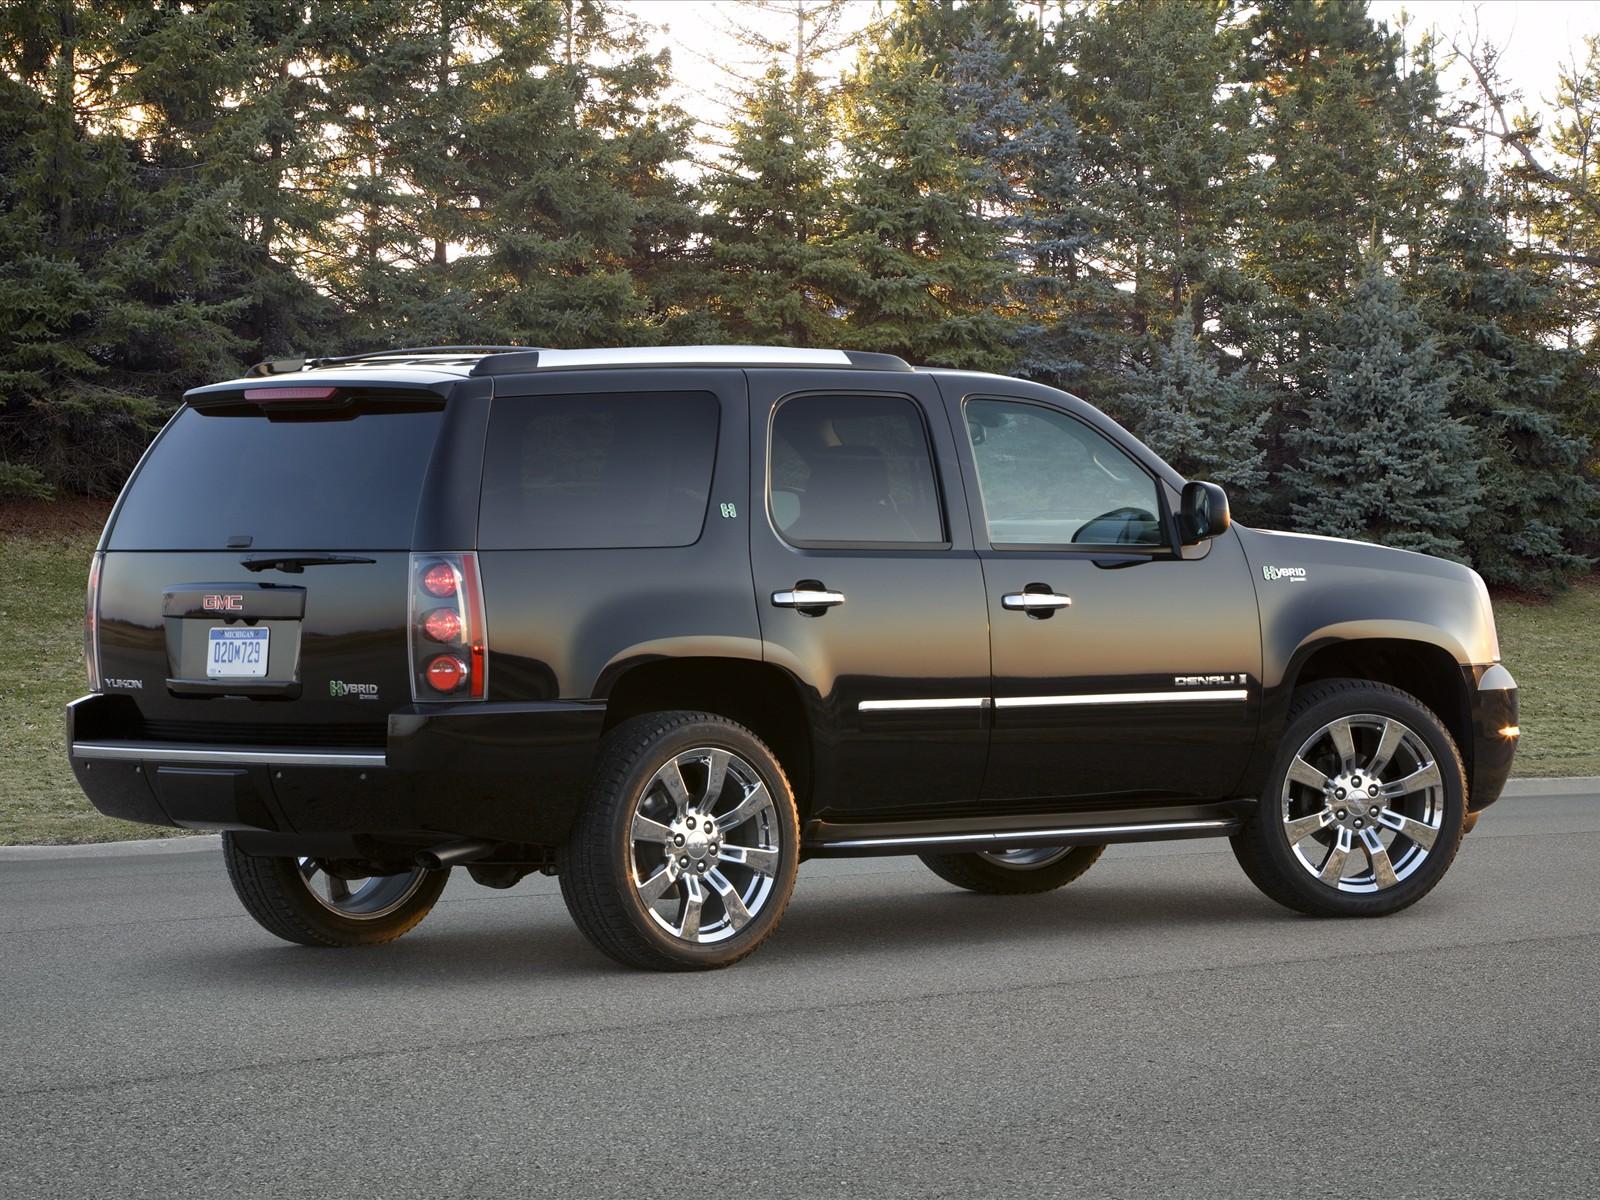 2009 Yukon Denali Hybrid